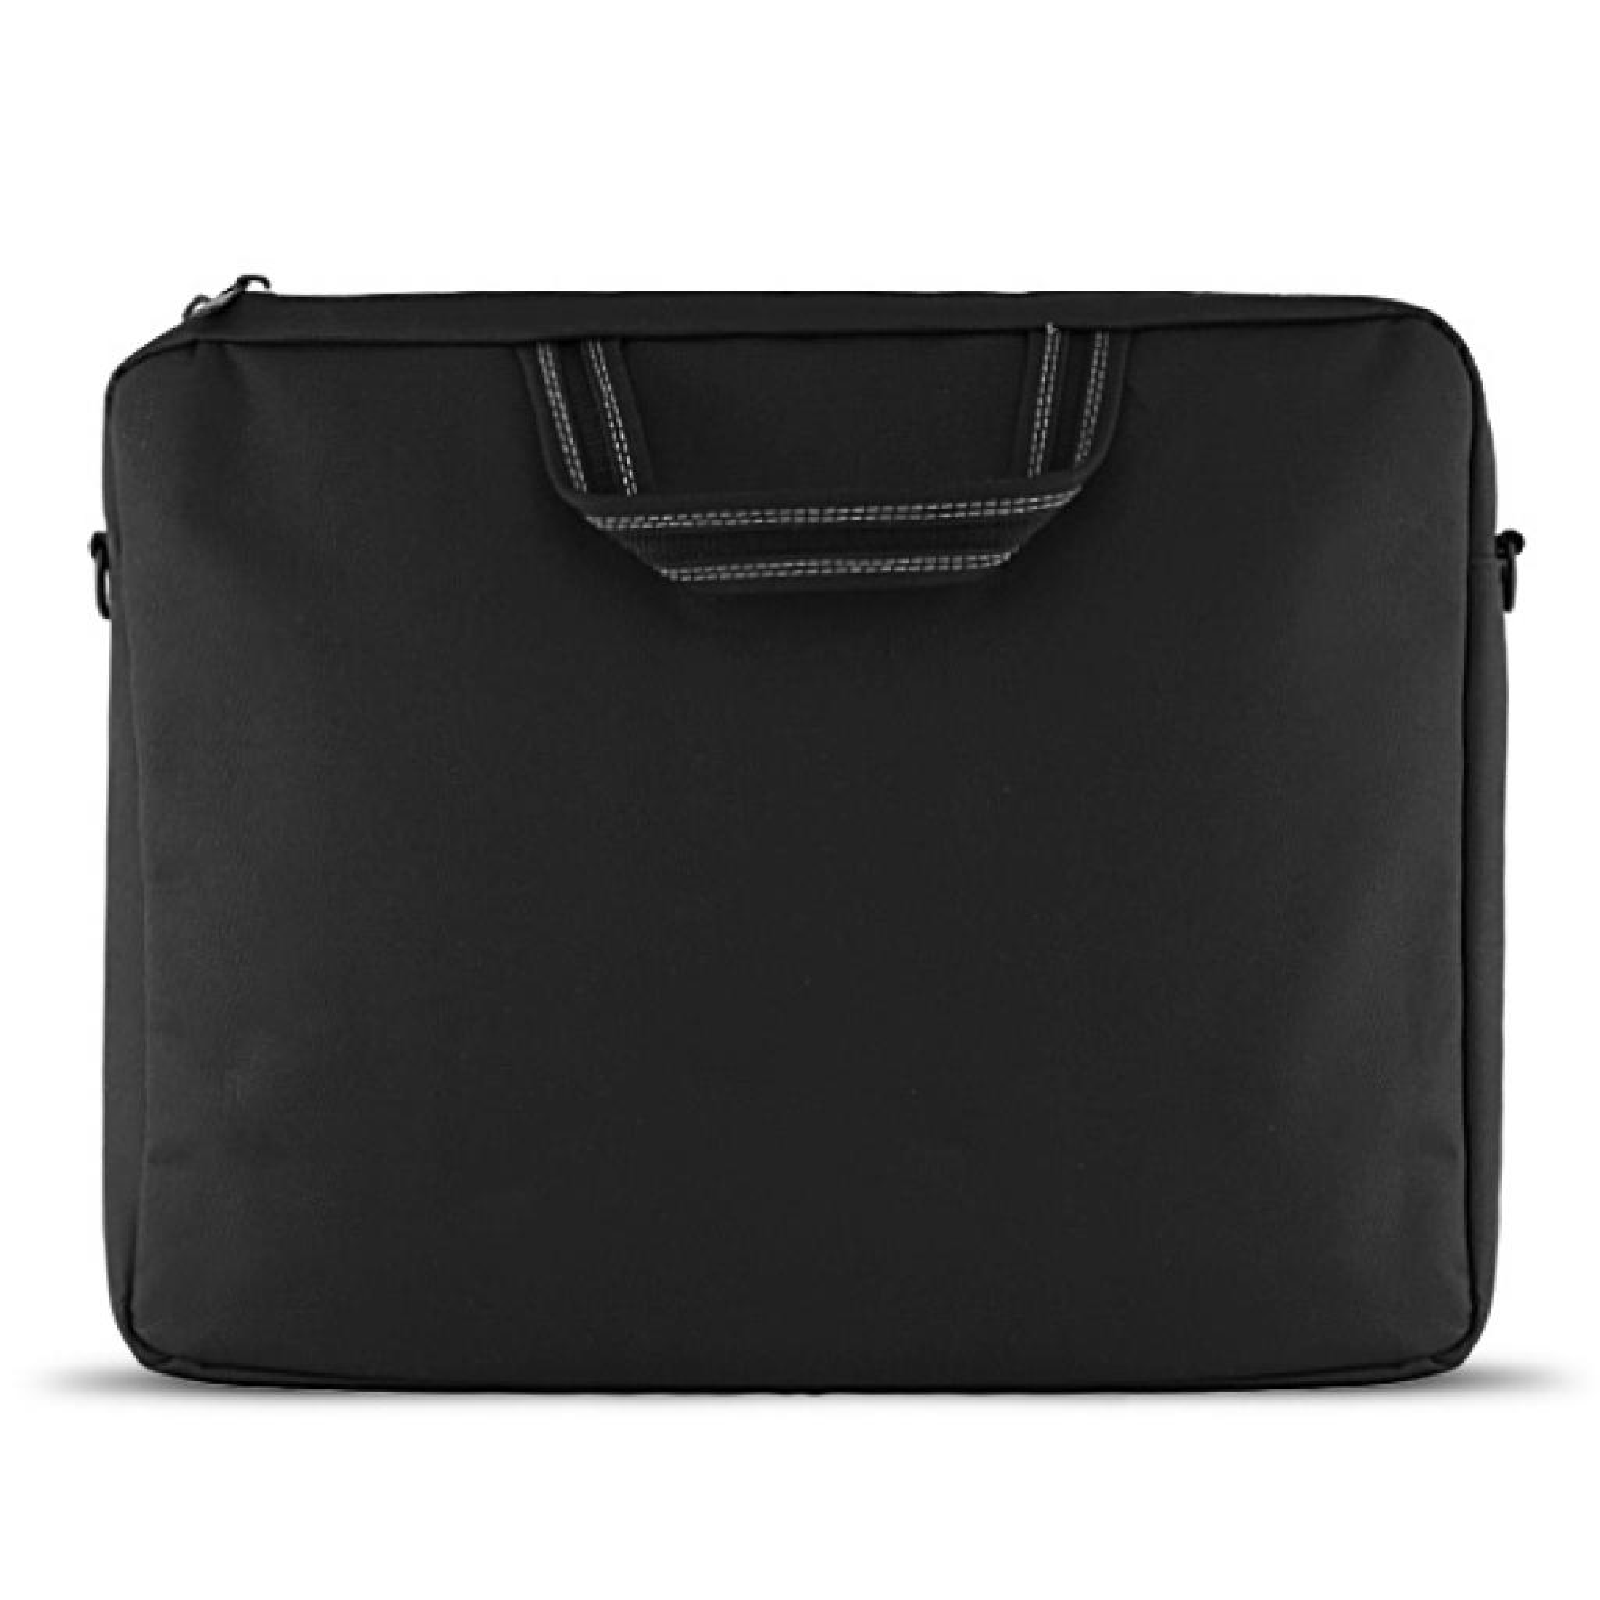 Сумка для ноутбука Crown 17 Classic black (CMB-558) изображение 2